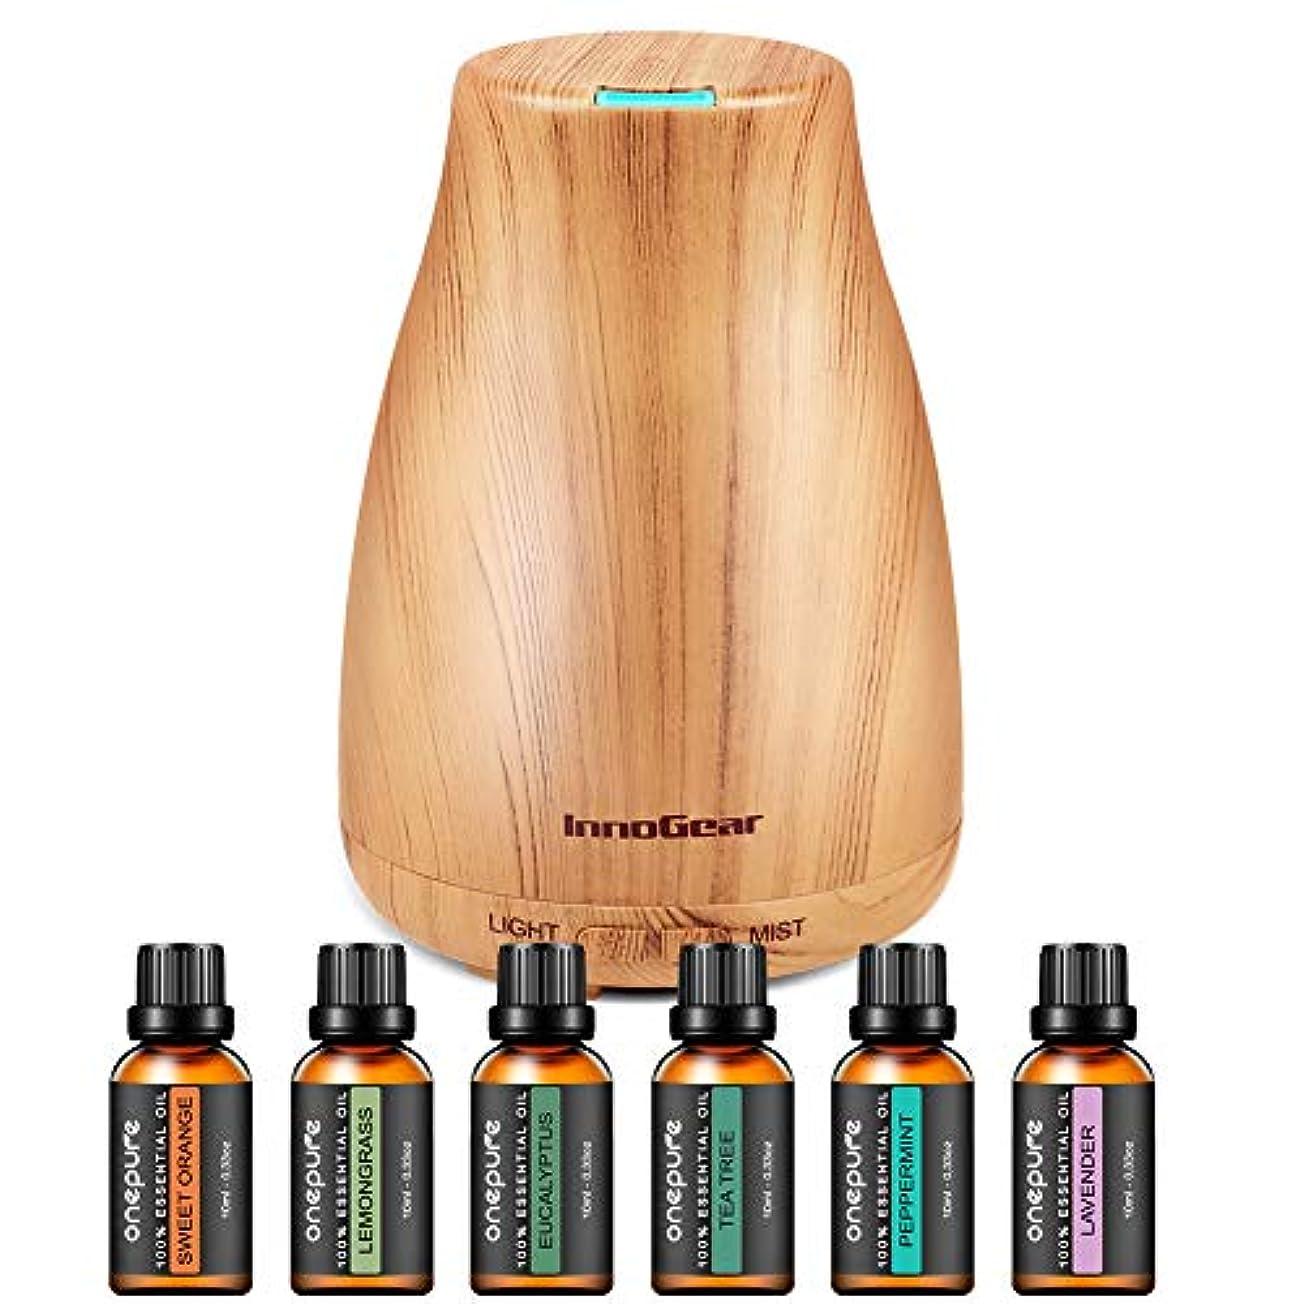 防衛無心説教innoGear 6本 ボトル100%純粋なエッセンシャルオイルと150ミリリットルアロマディフューザー アップグレードし 7色 ギフトセット 香りクールミスト加湿器 家庭用 変更ライト 導きました イエロー